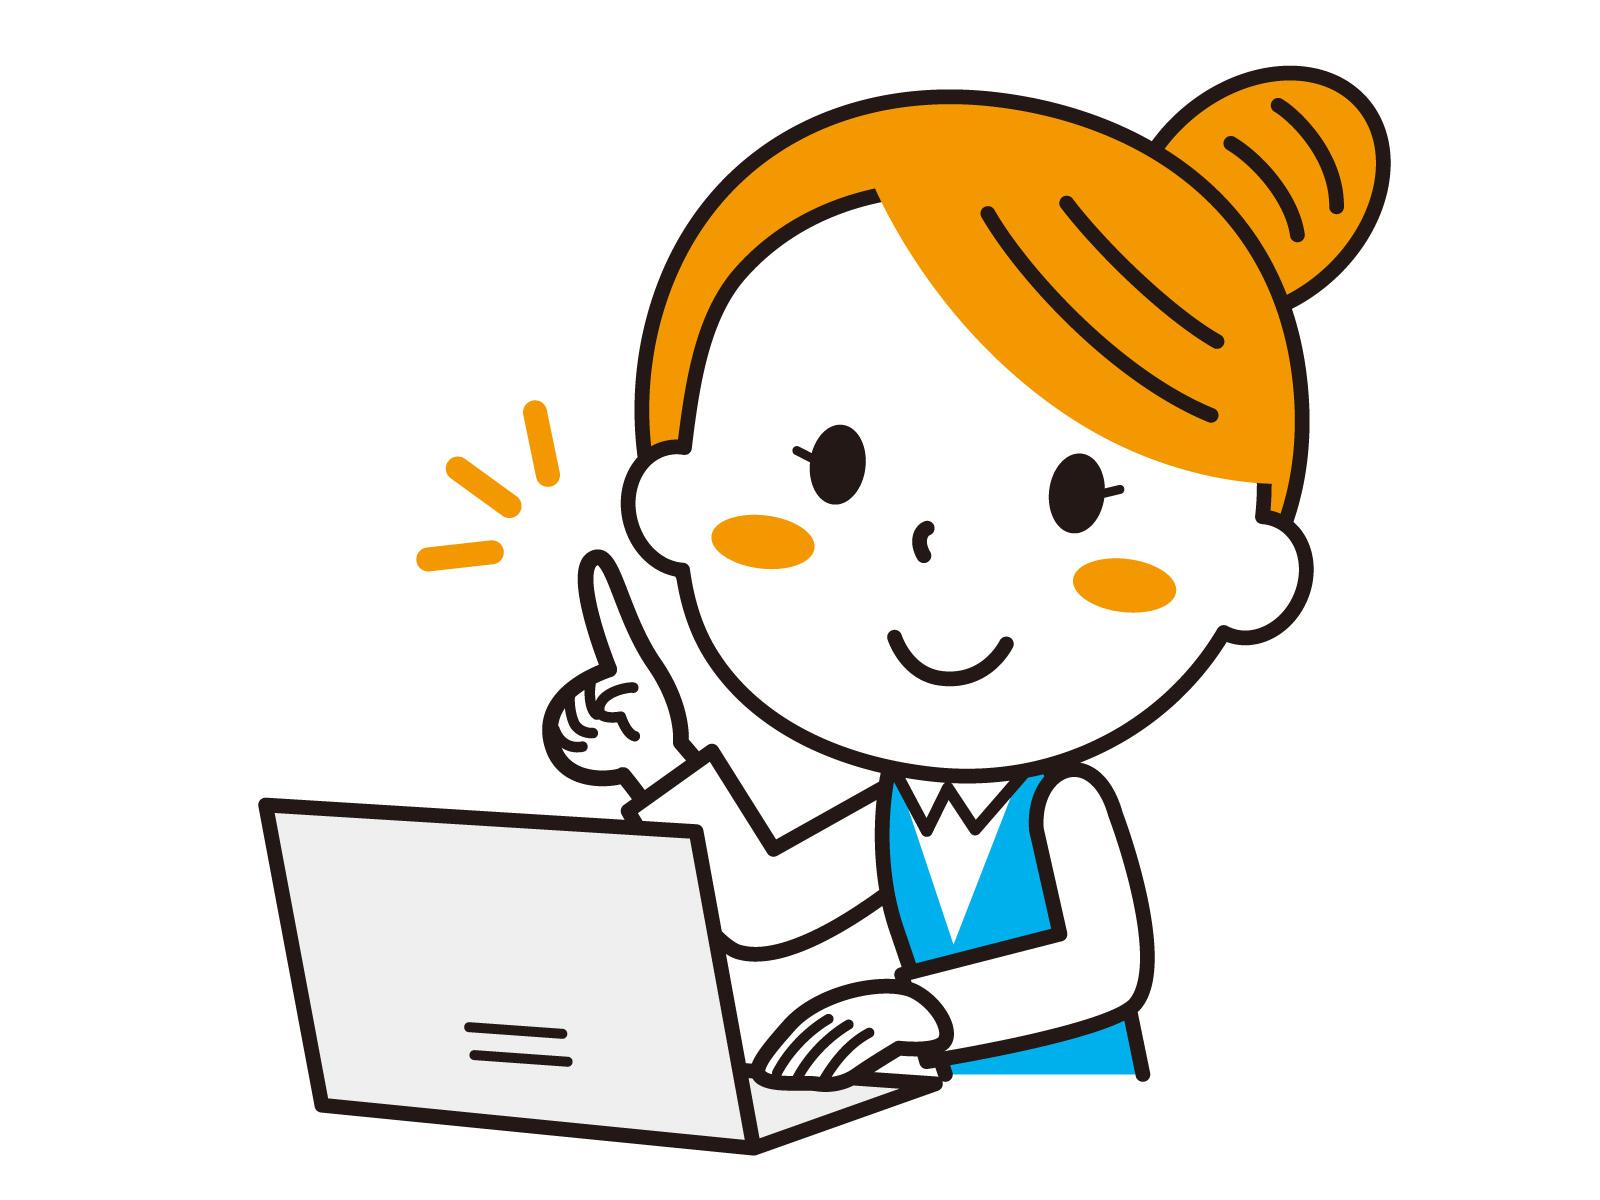 未経験でもWebライターになれる?具体的な5つの手順を解説!